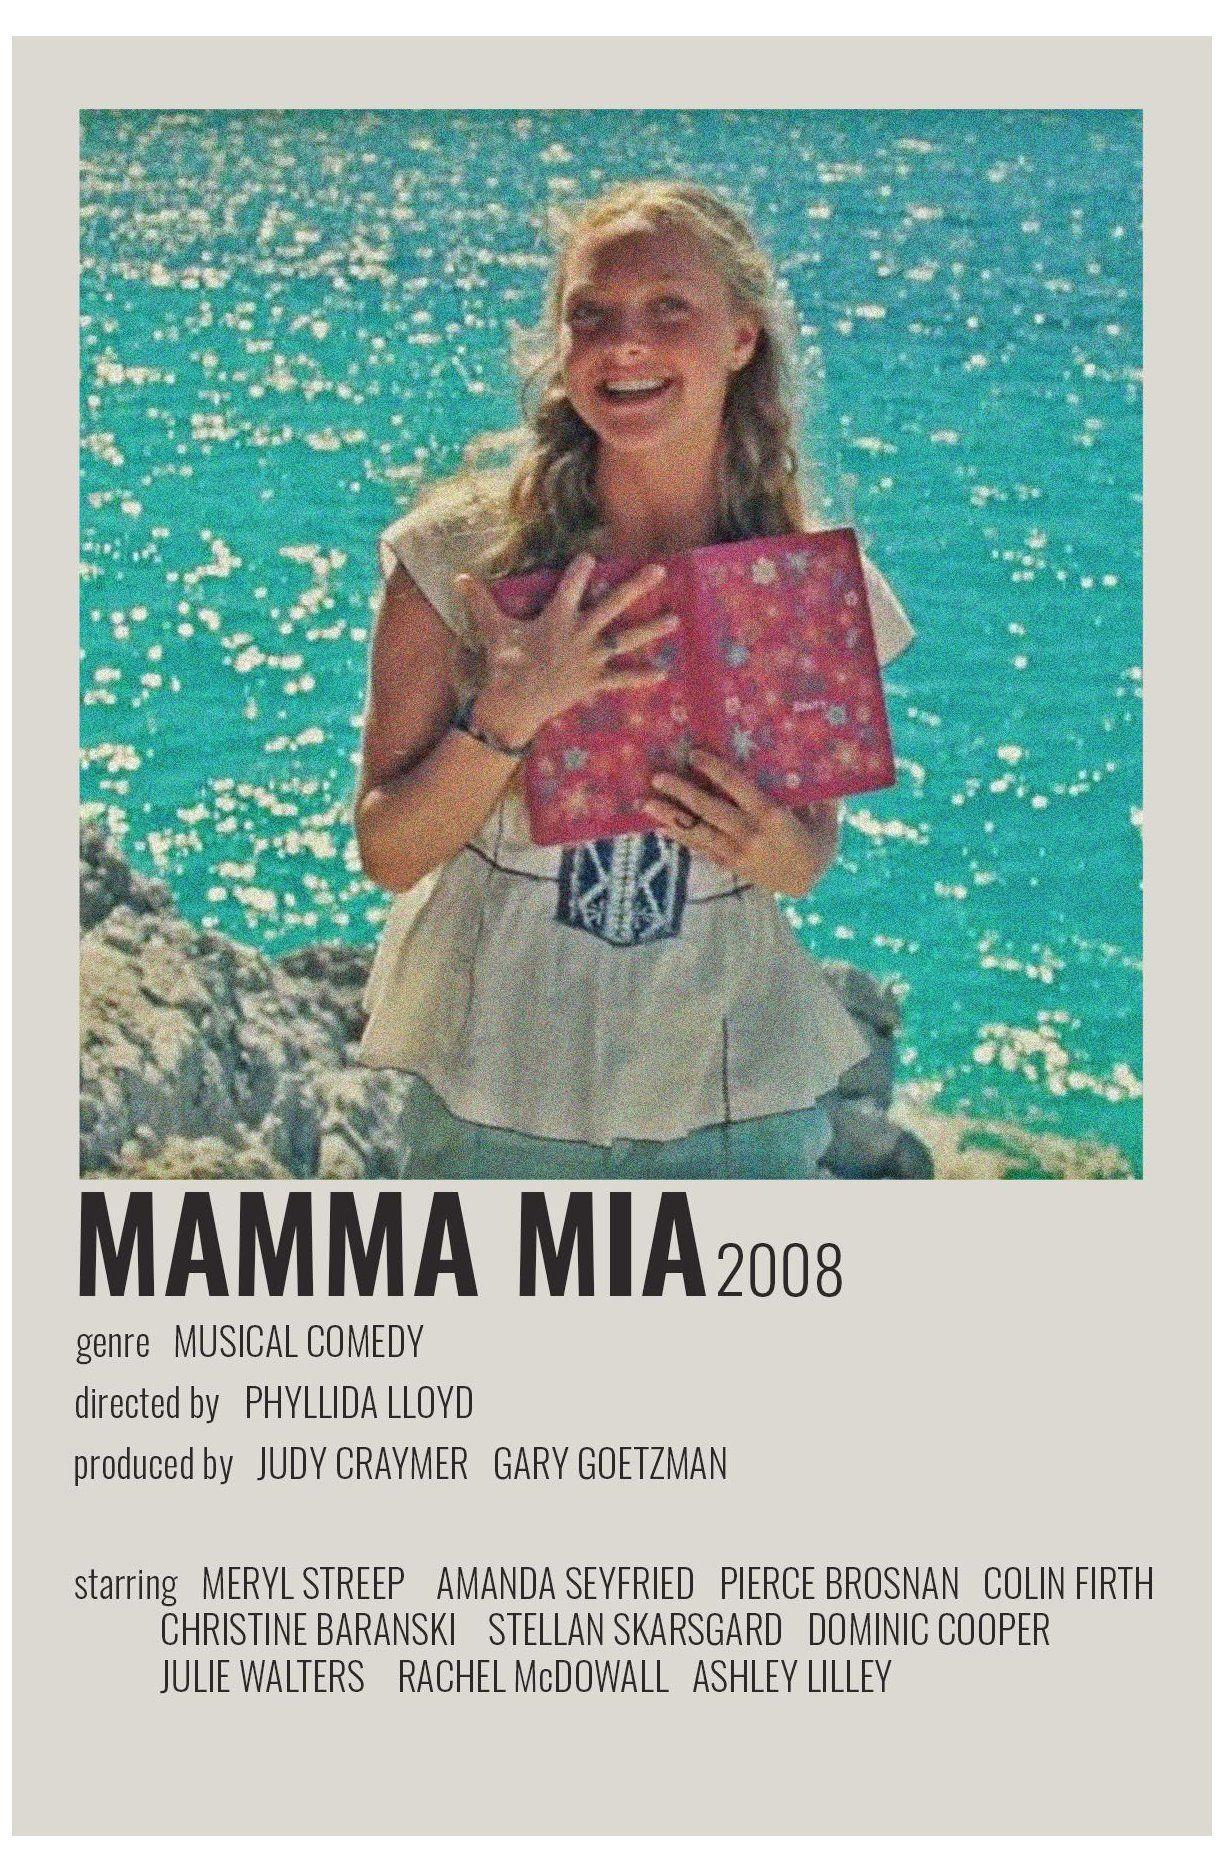 mamma mia movie poster